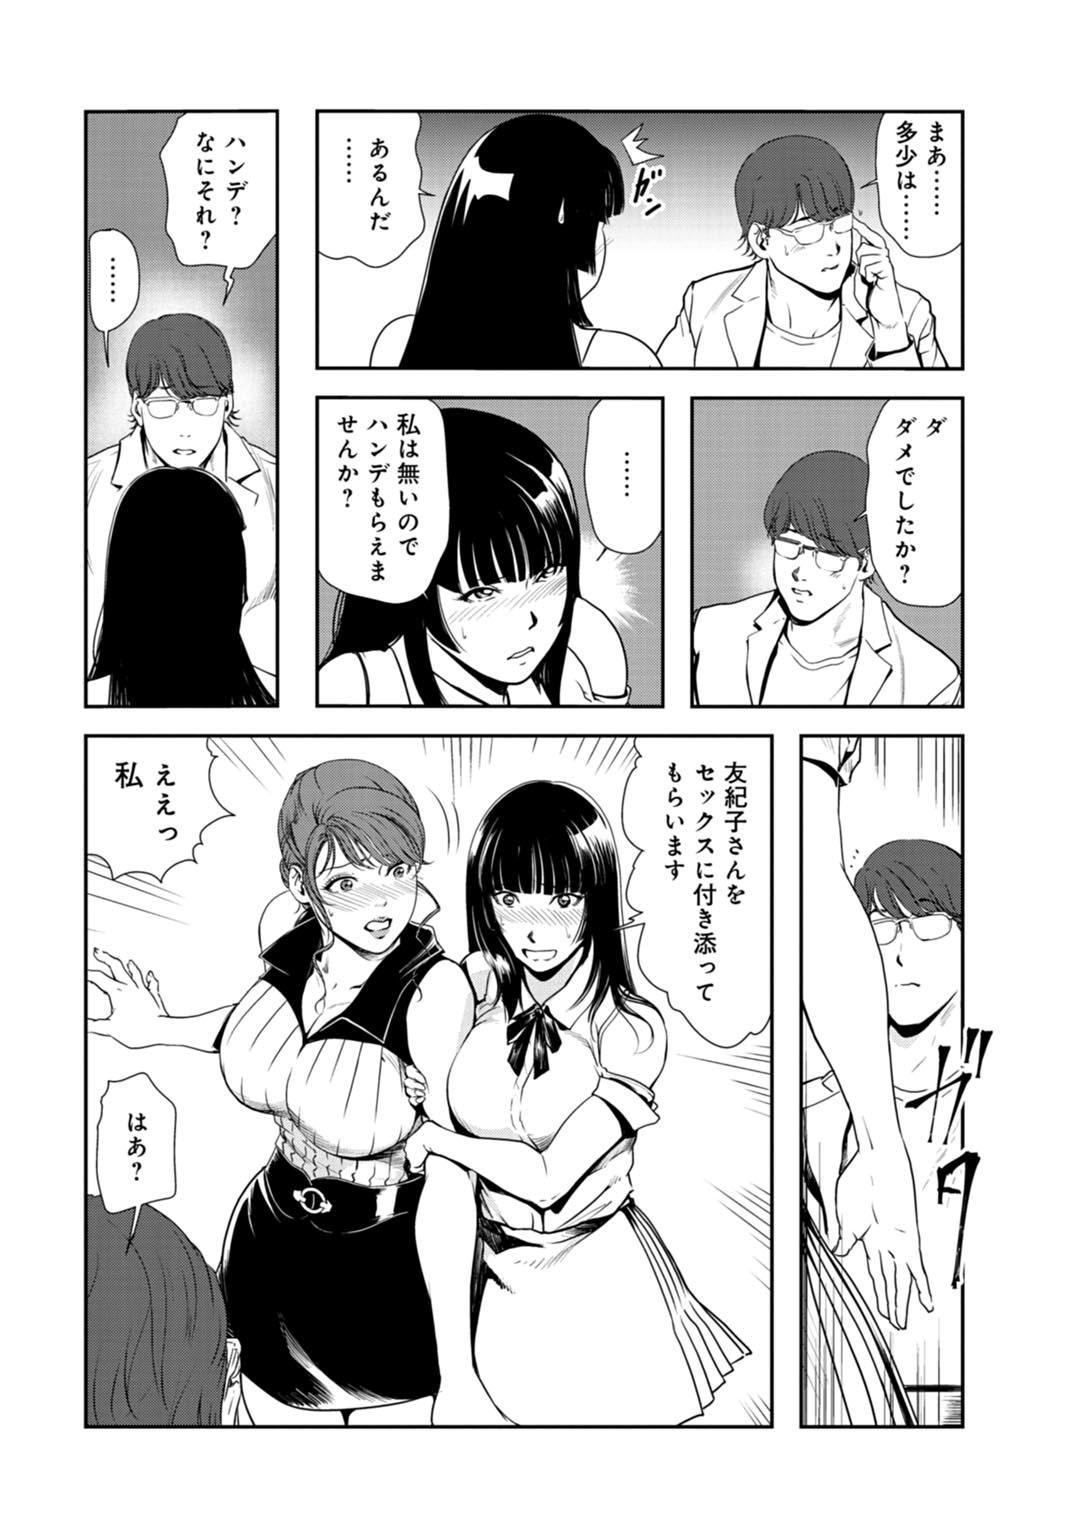 Nikuhisyo Yukiko 26 72